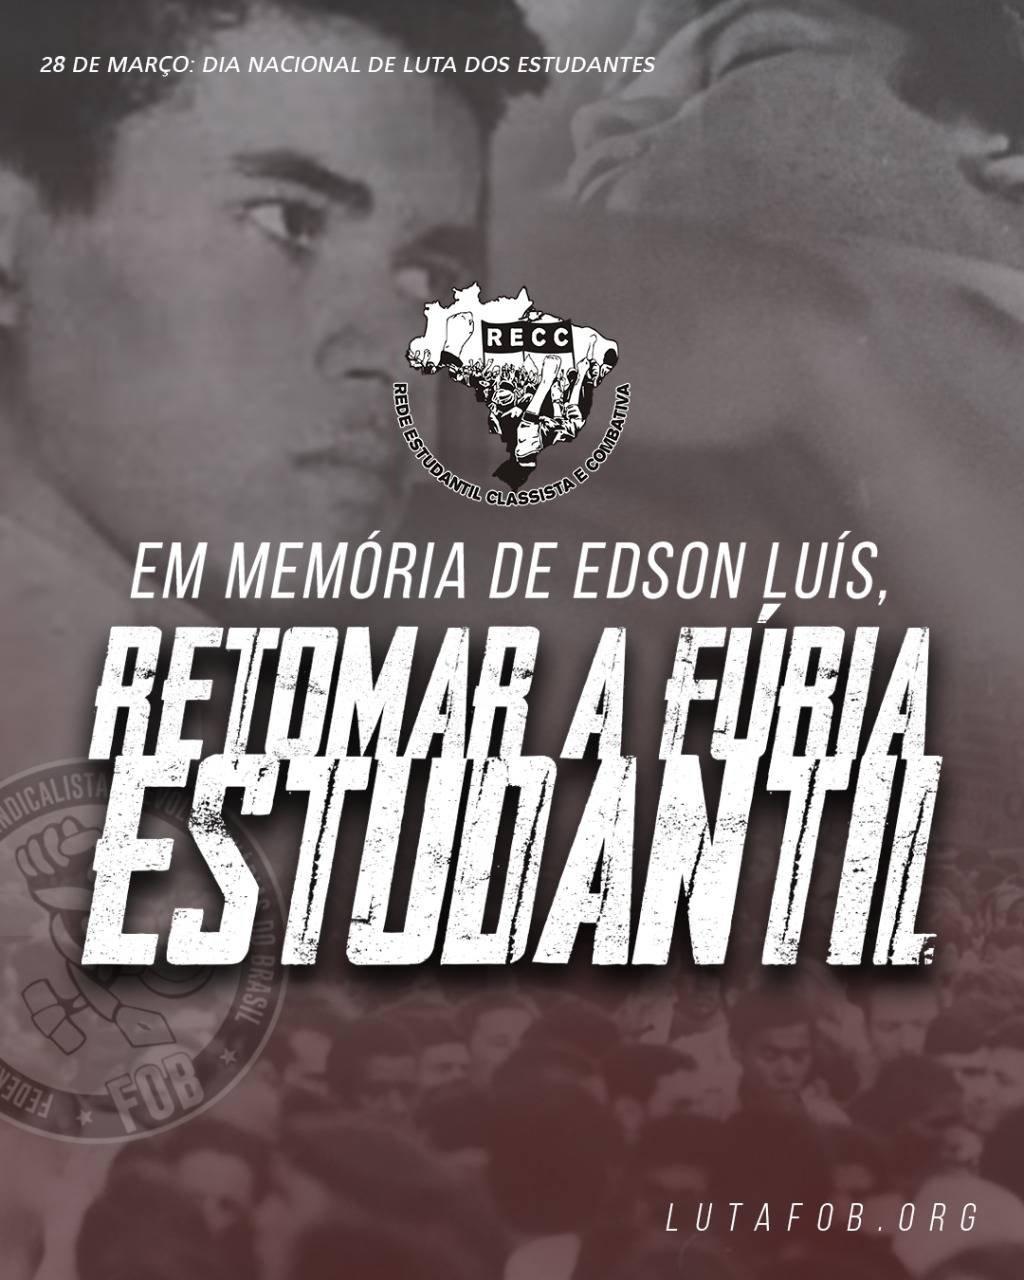 28M | EM MEMÓRIA DE EDSON LUÍS, RETOMAR A FÚRIA ESTUDANTIL